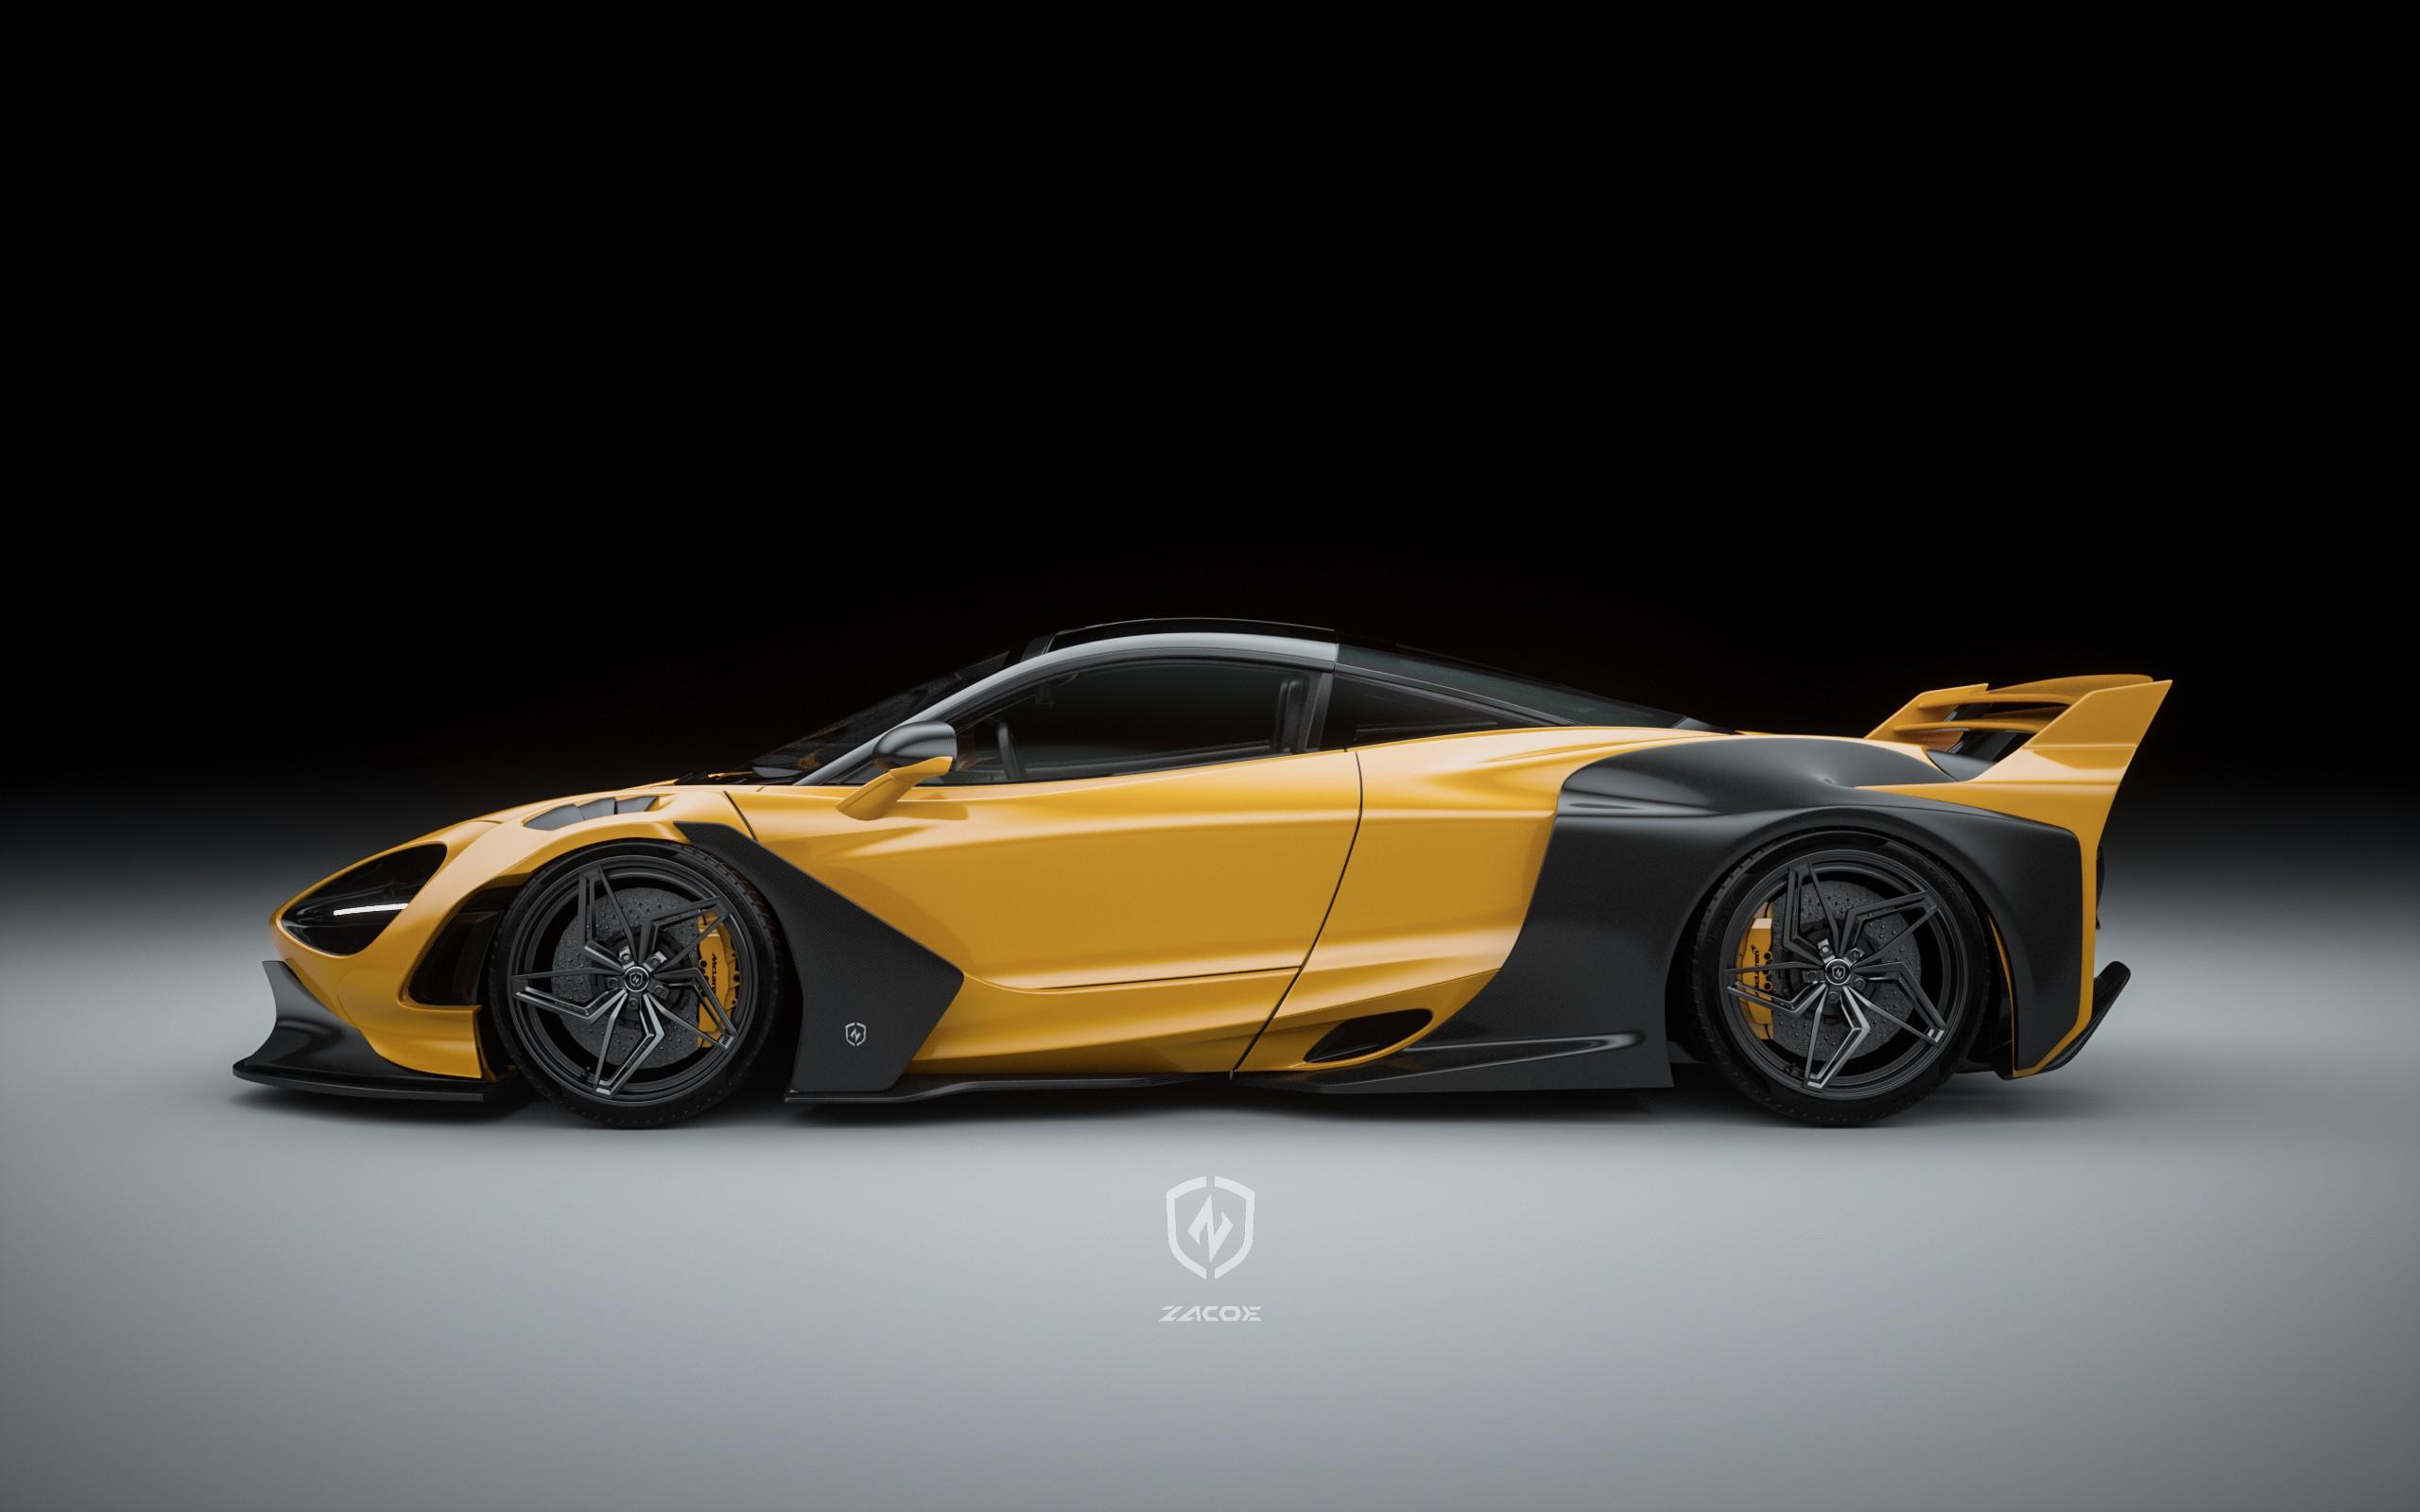 McLaren-720S-by-Zacoe-4